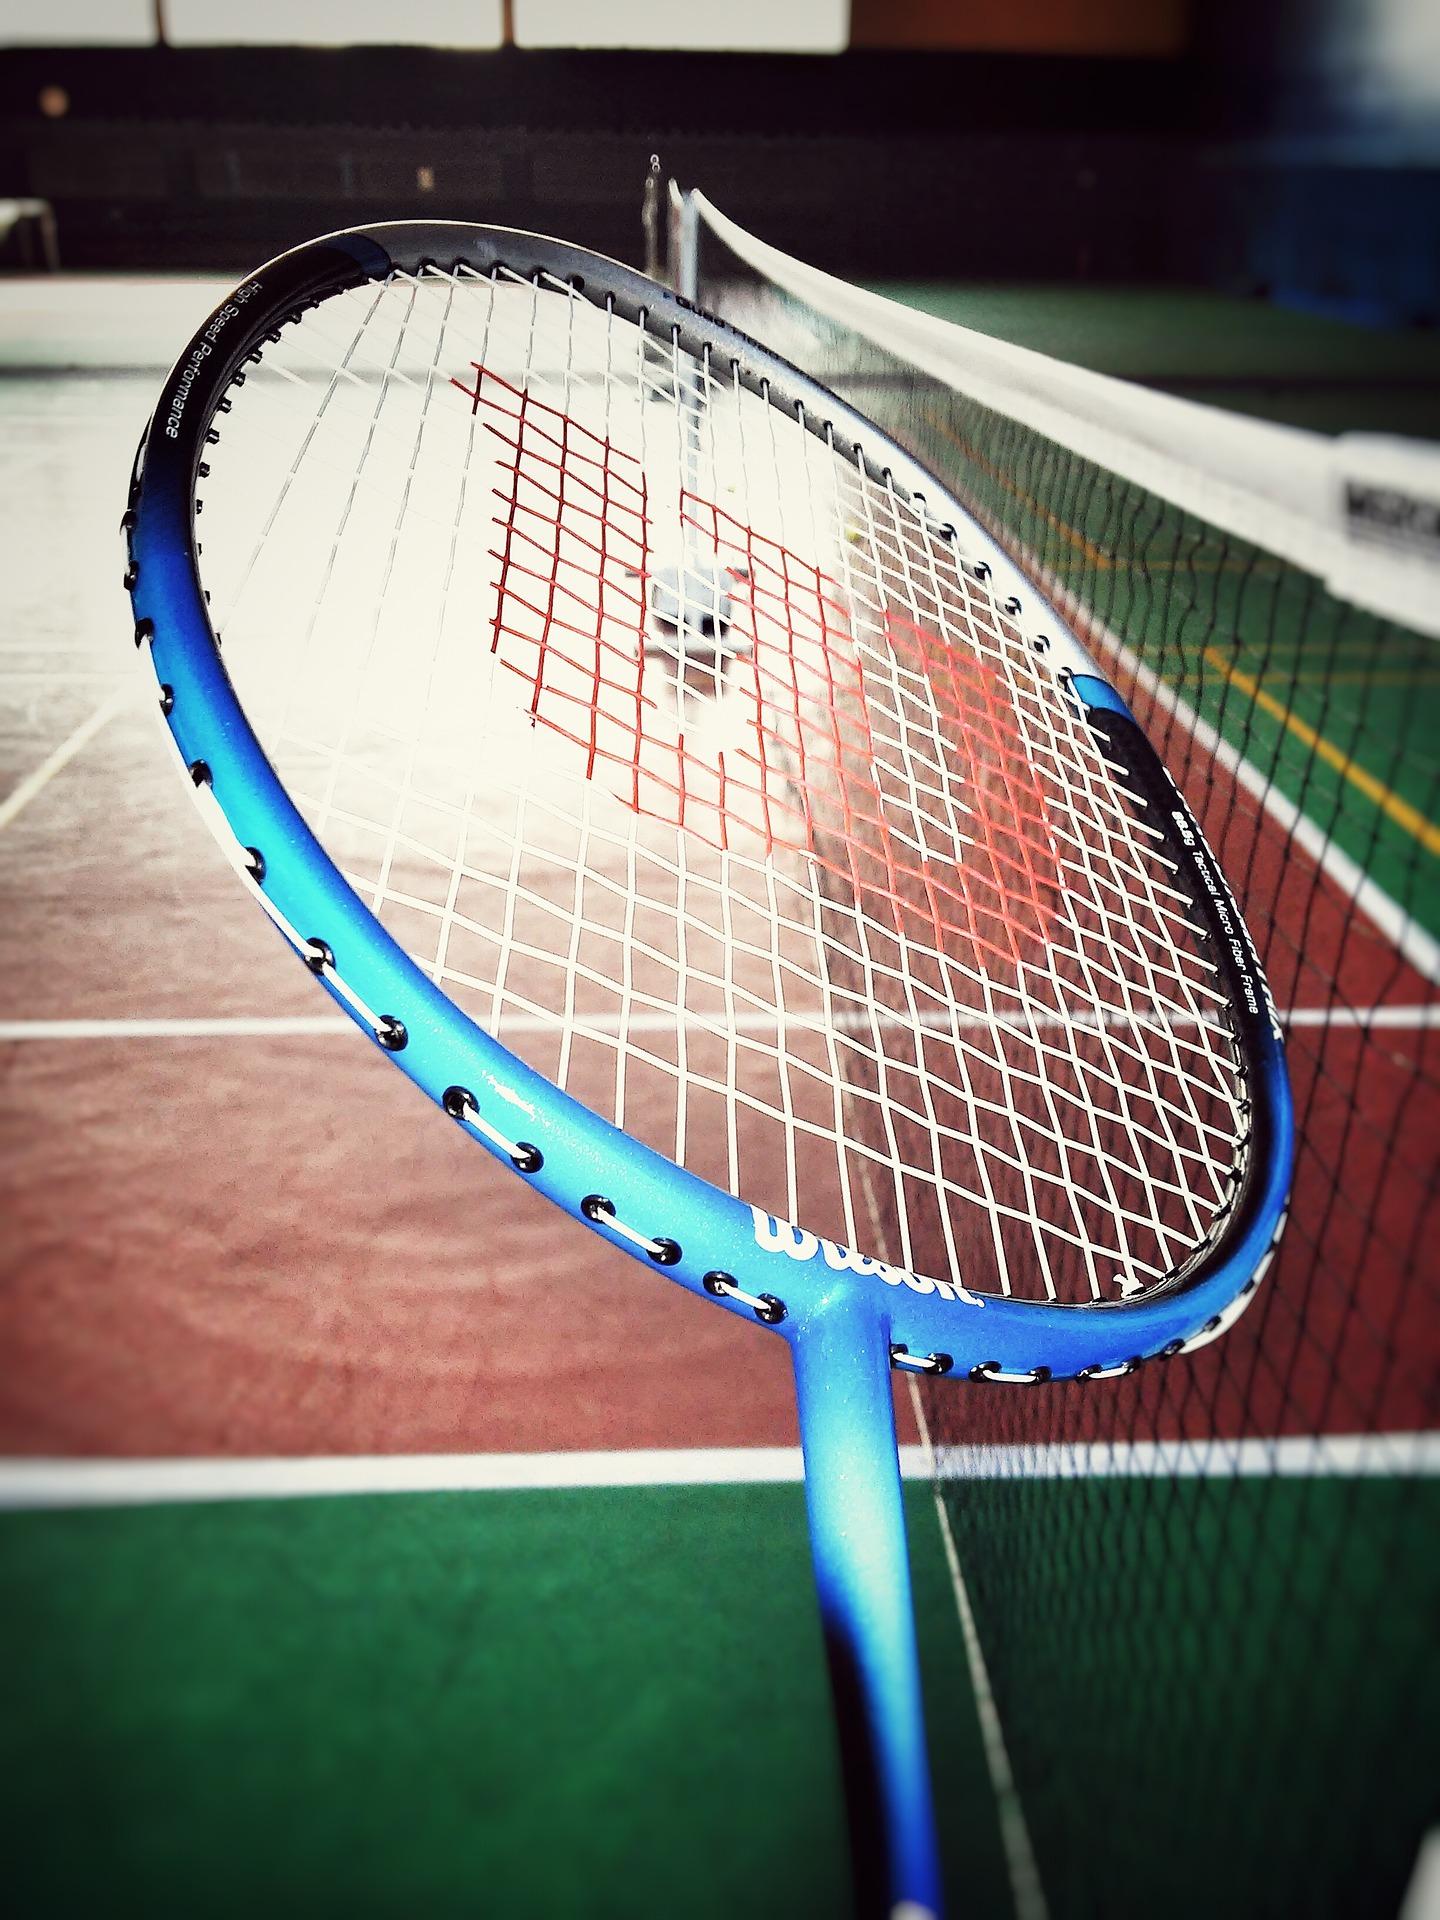 Best Badminton Racket Reviews - Sport Briefing